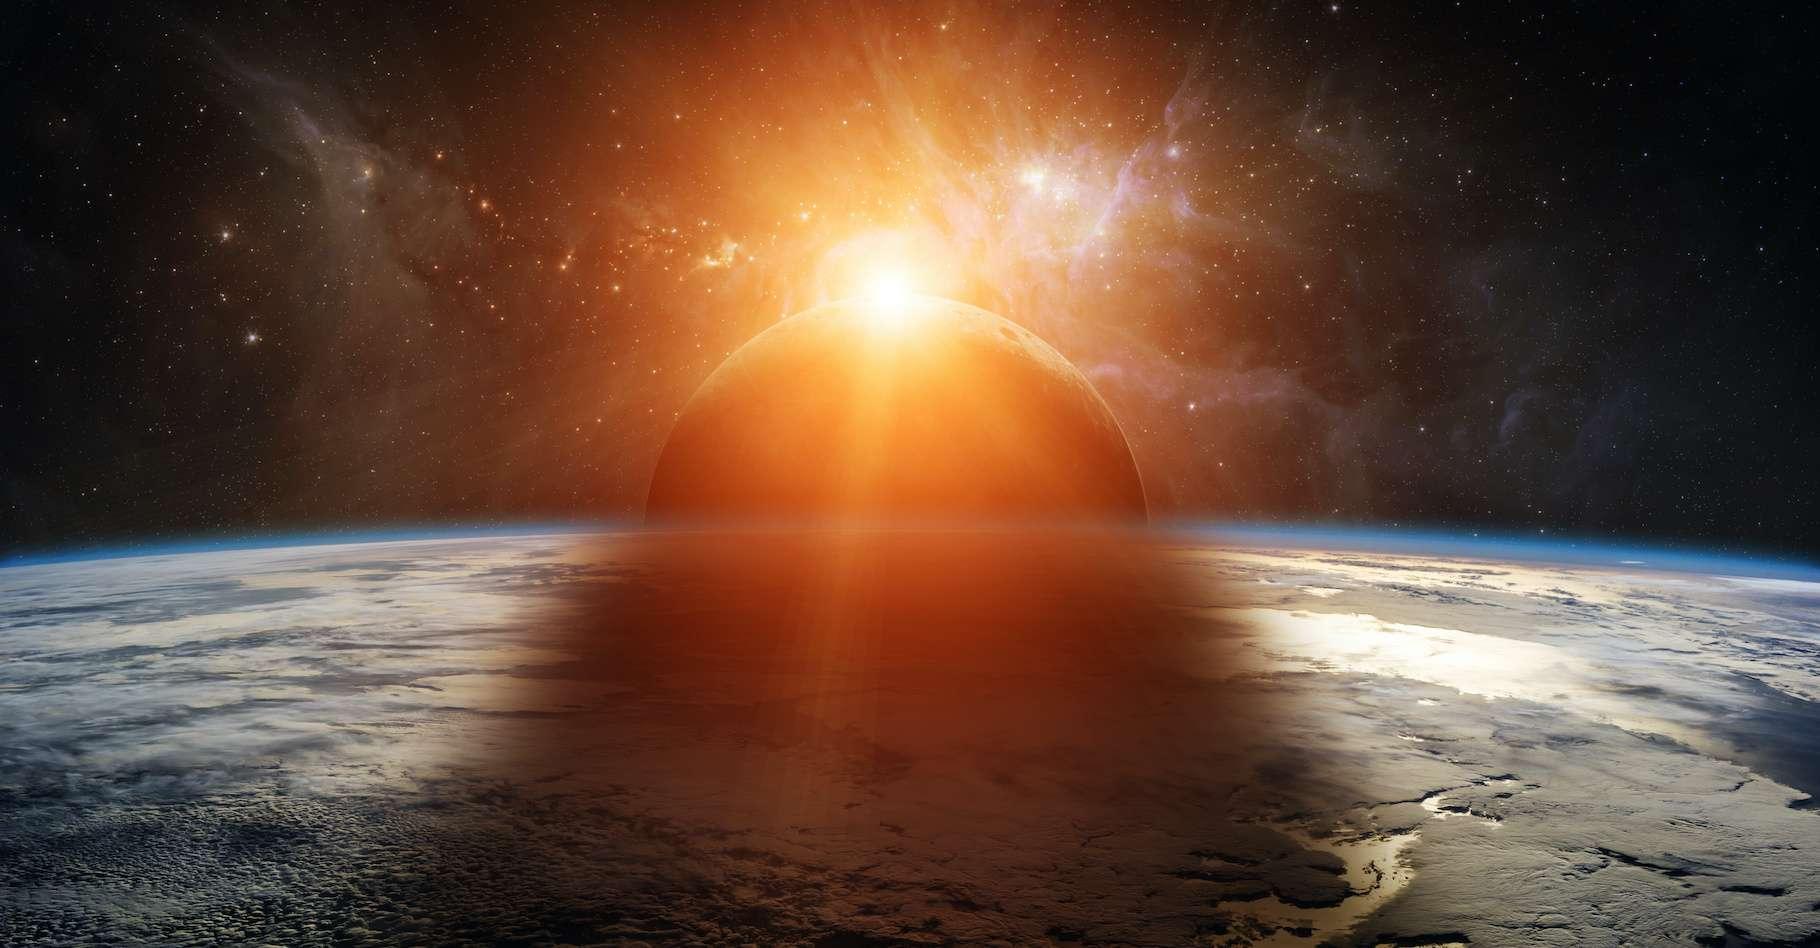 Ce lundi 14 décembre 2020, le Soleil a rendez-vous avec la Lune. Une éclipse totale sera visible depuis le Chili et l'Argentine. © sdecoret, Adobe Stock